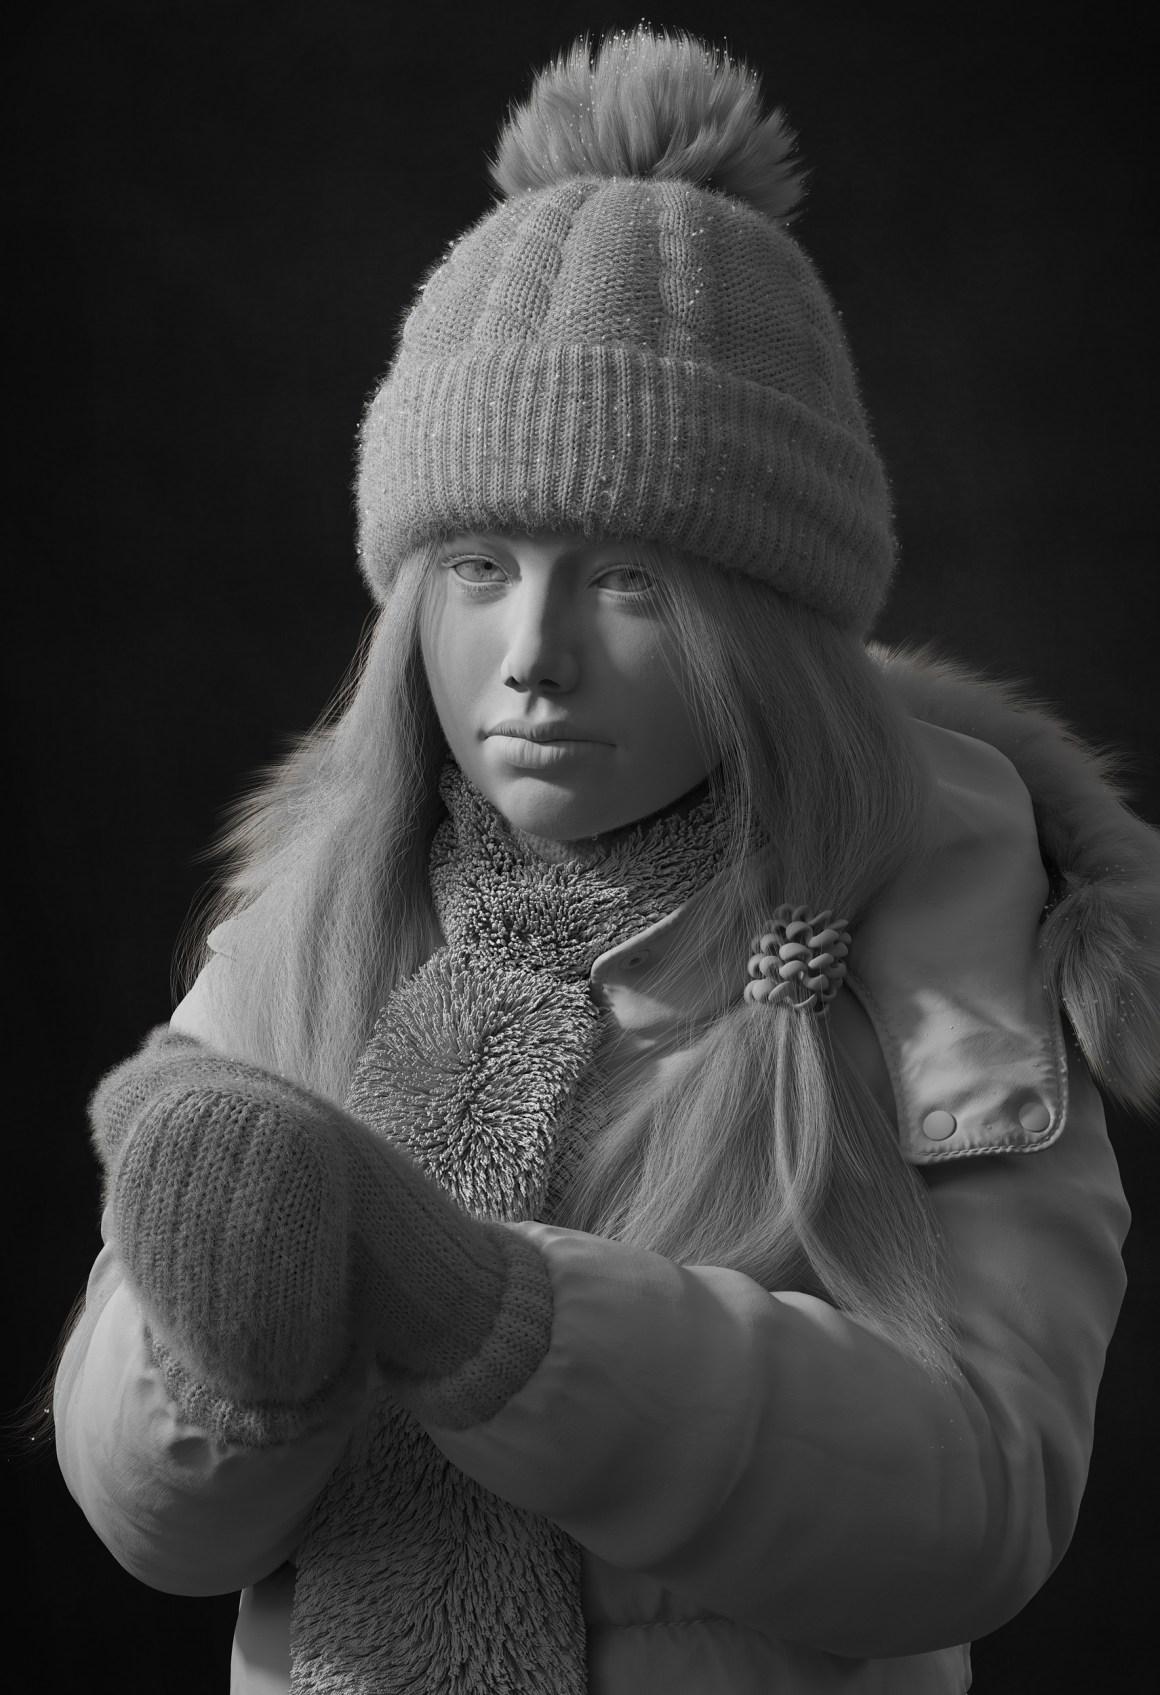 Maria by Nikolay Sladkov